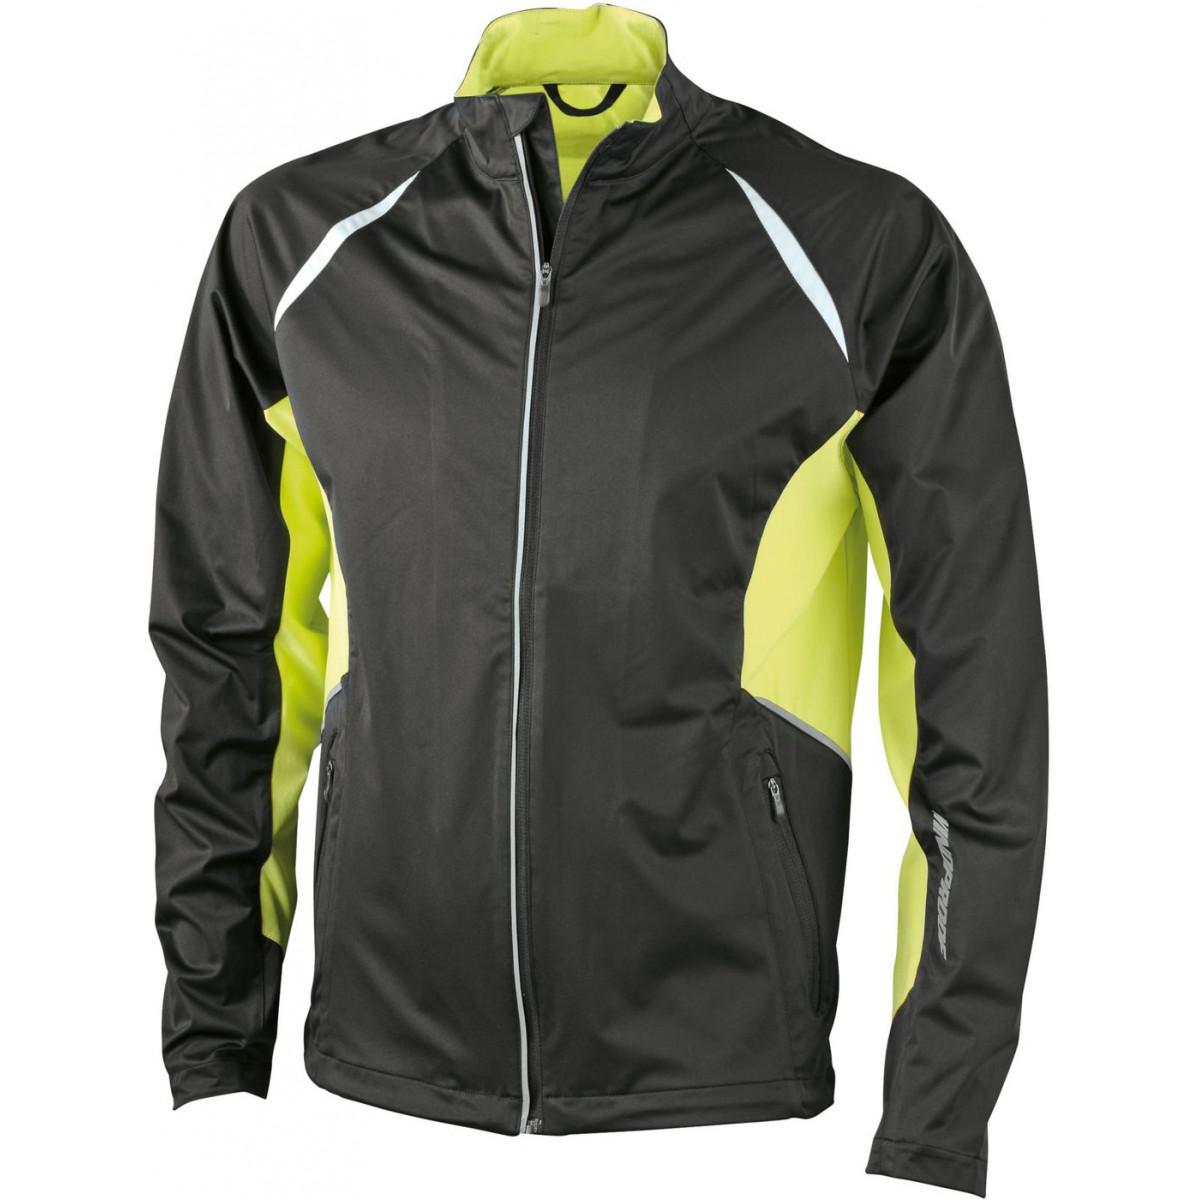 Куртка мужская JN440 Mens Sports Jacket Windproof - Черный/Ярко-желтый